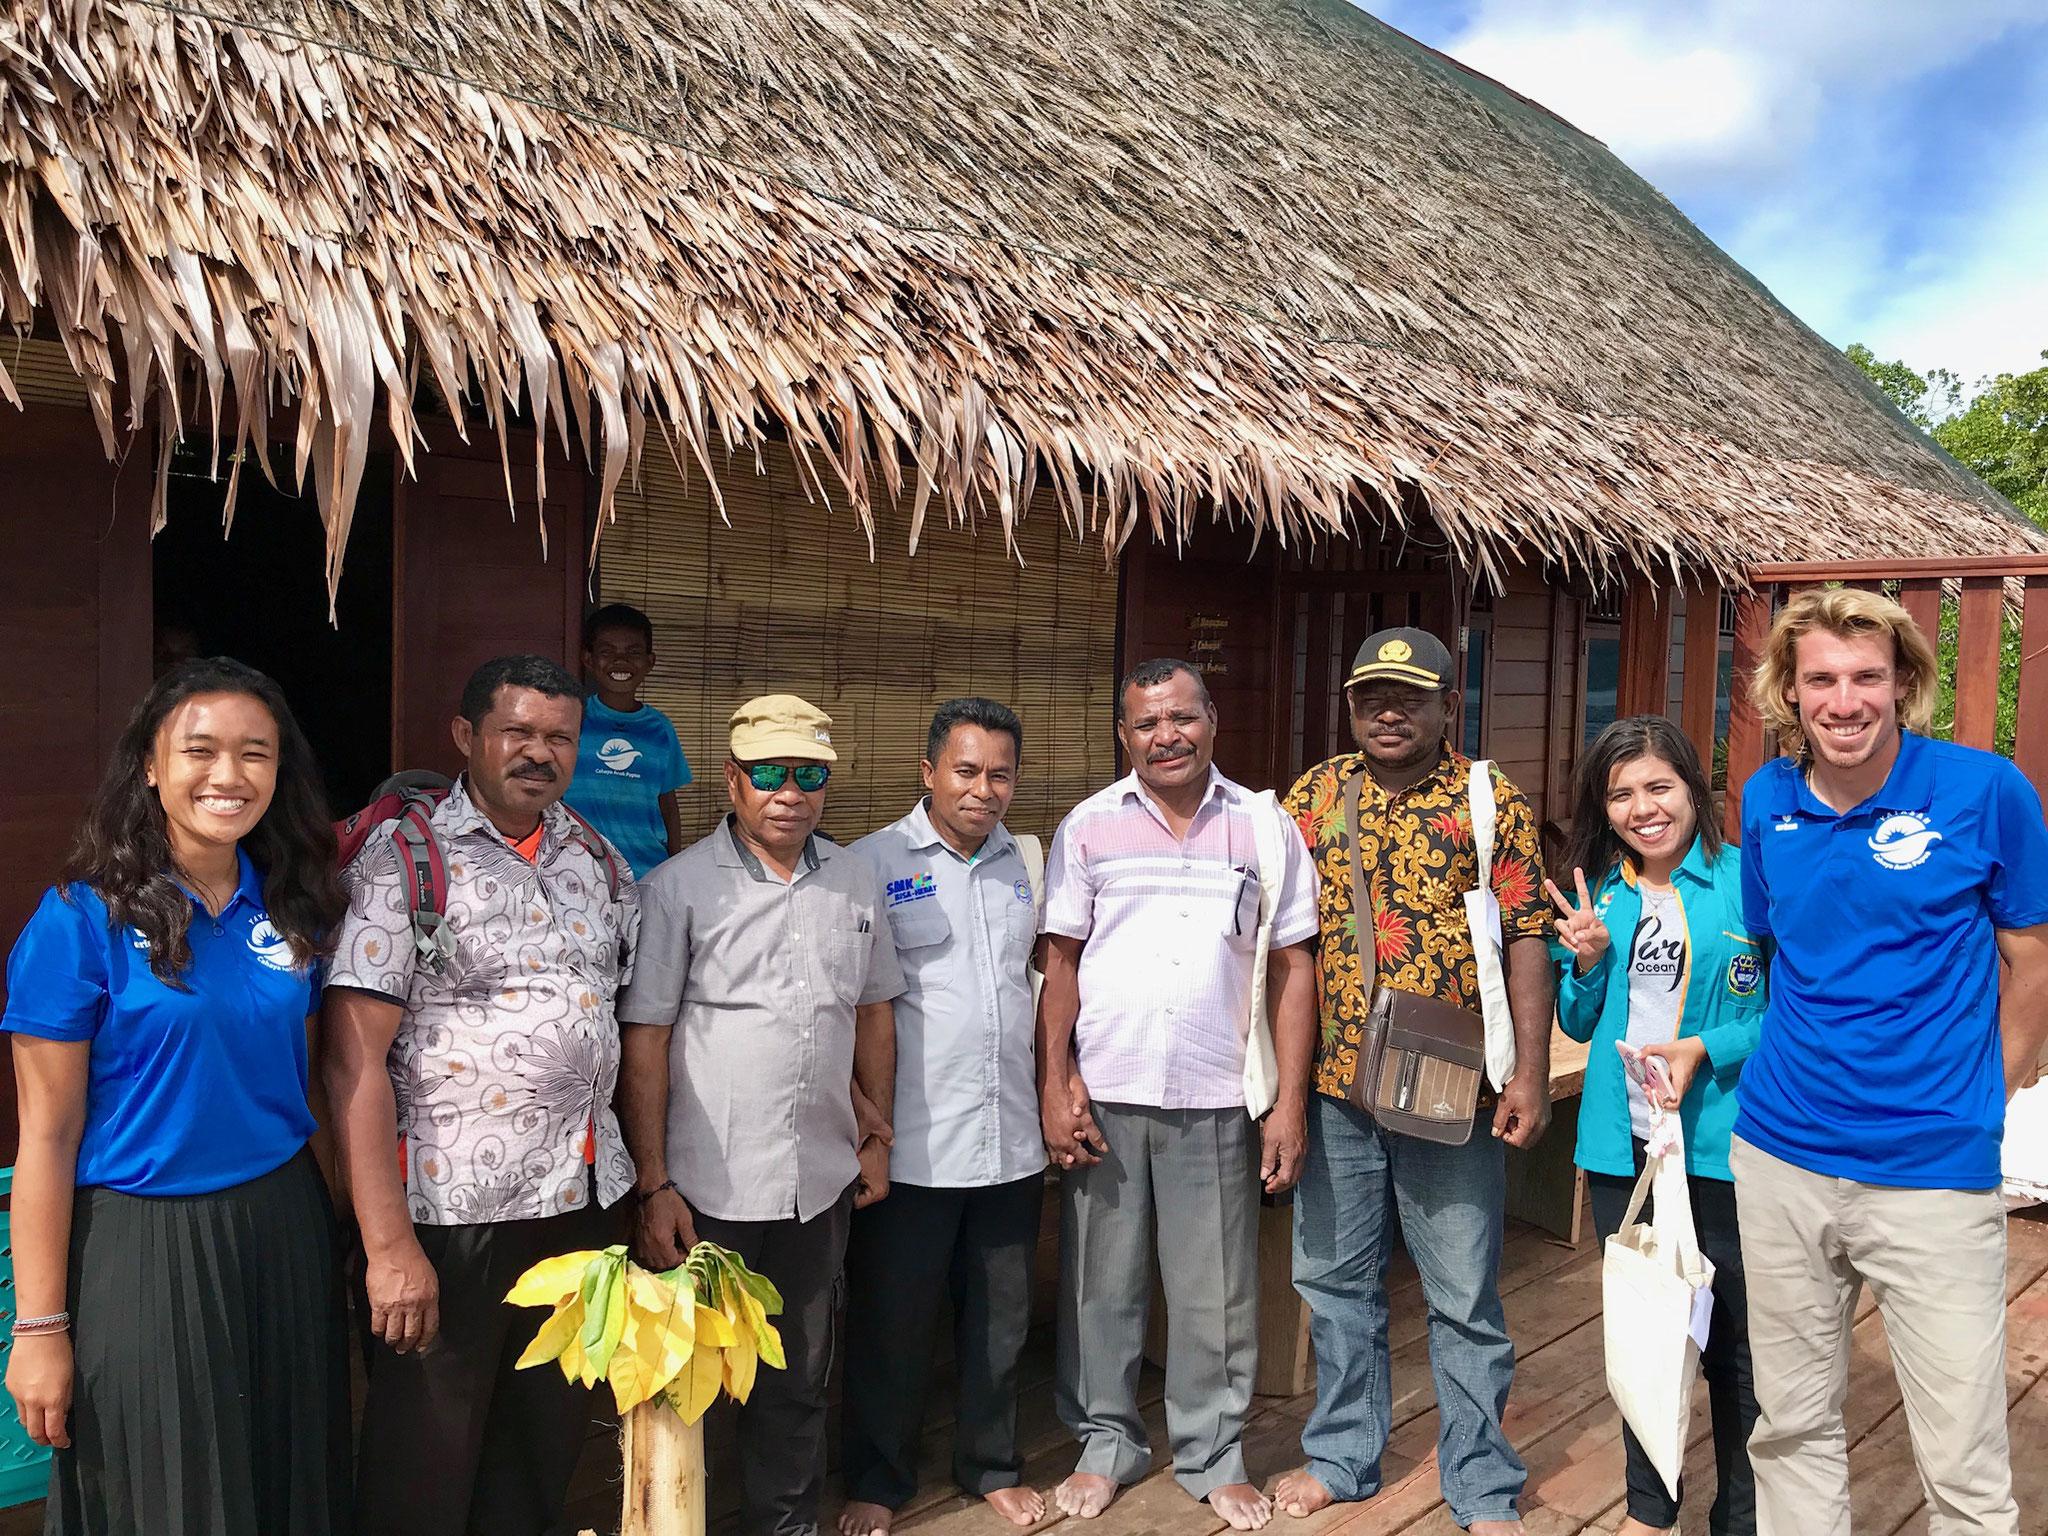 Bildungs, - Umweltschutz-, und Kulturvorsitzende nehmen an der Erfōffnungszeremonie teil